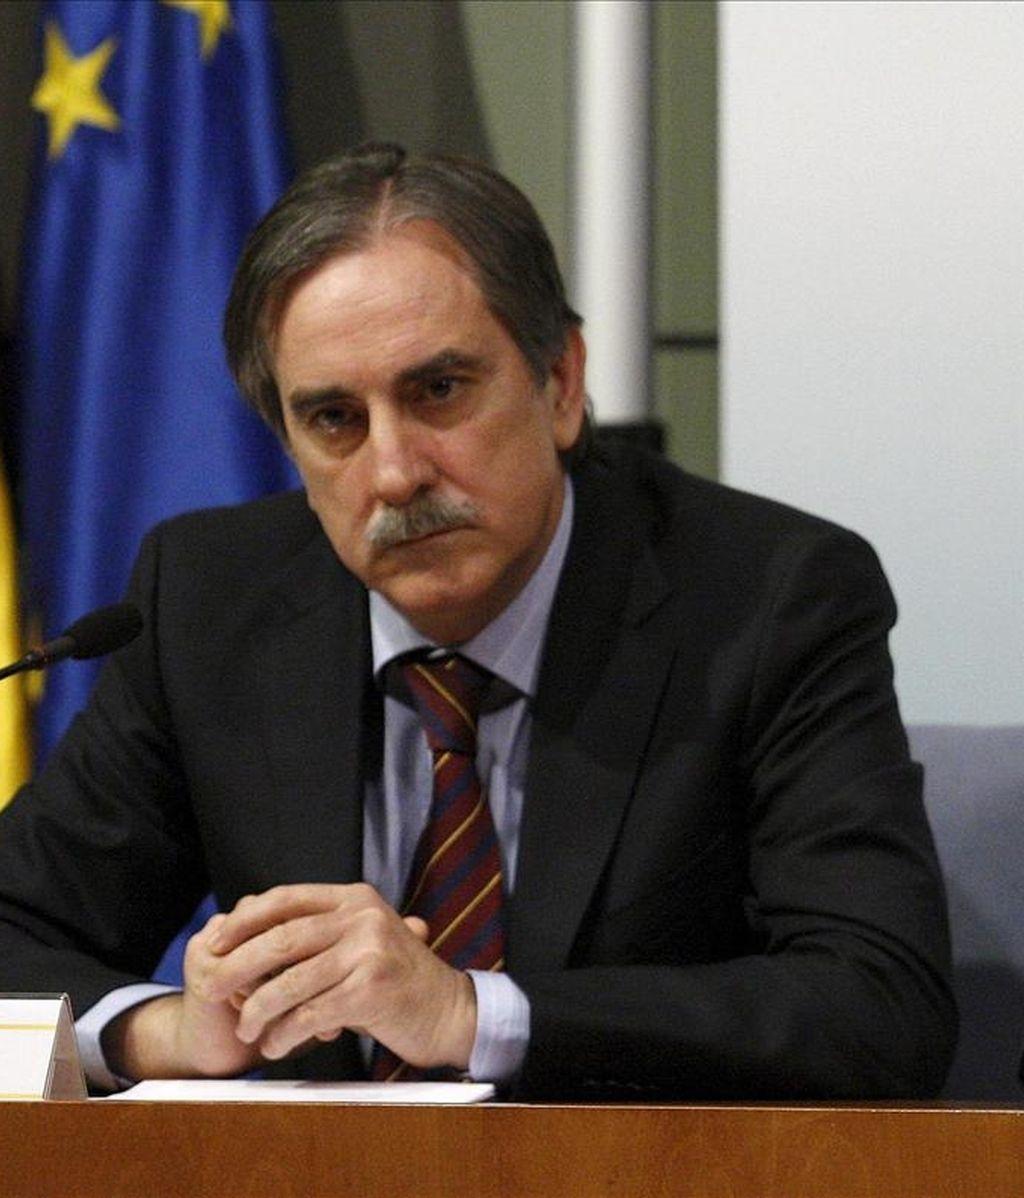 El ministro de Trabajo e Inmigración, Valeriano Gómez. EFE/Archivo